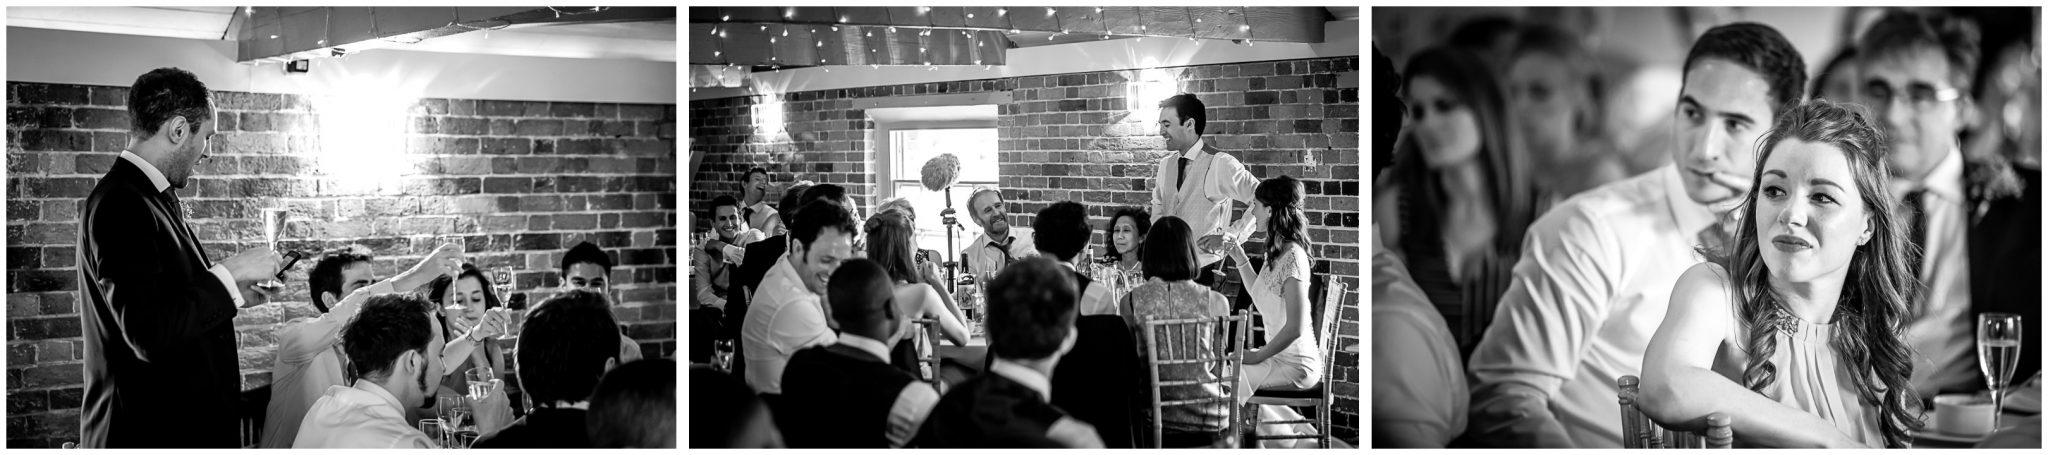 Sopley Mill Summer wedding best man's speech